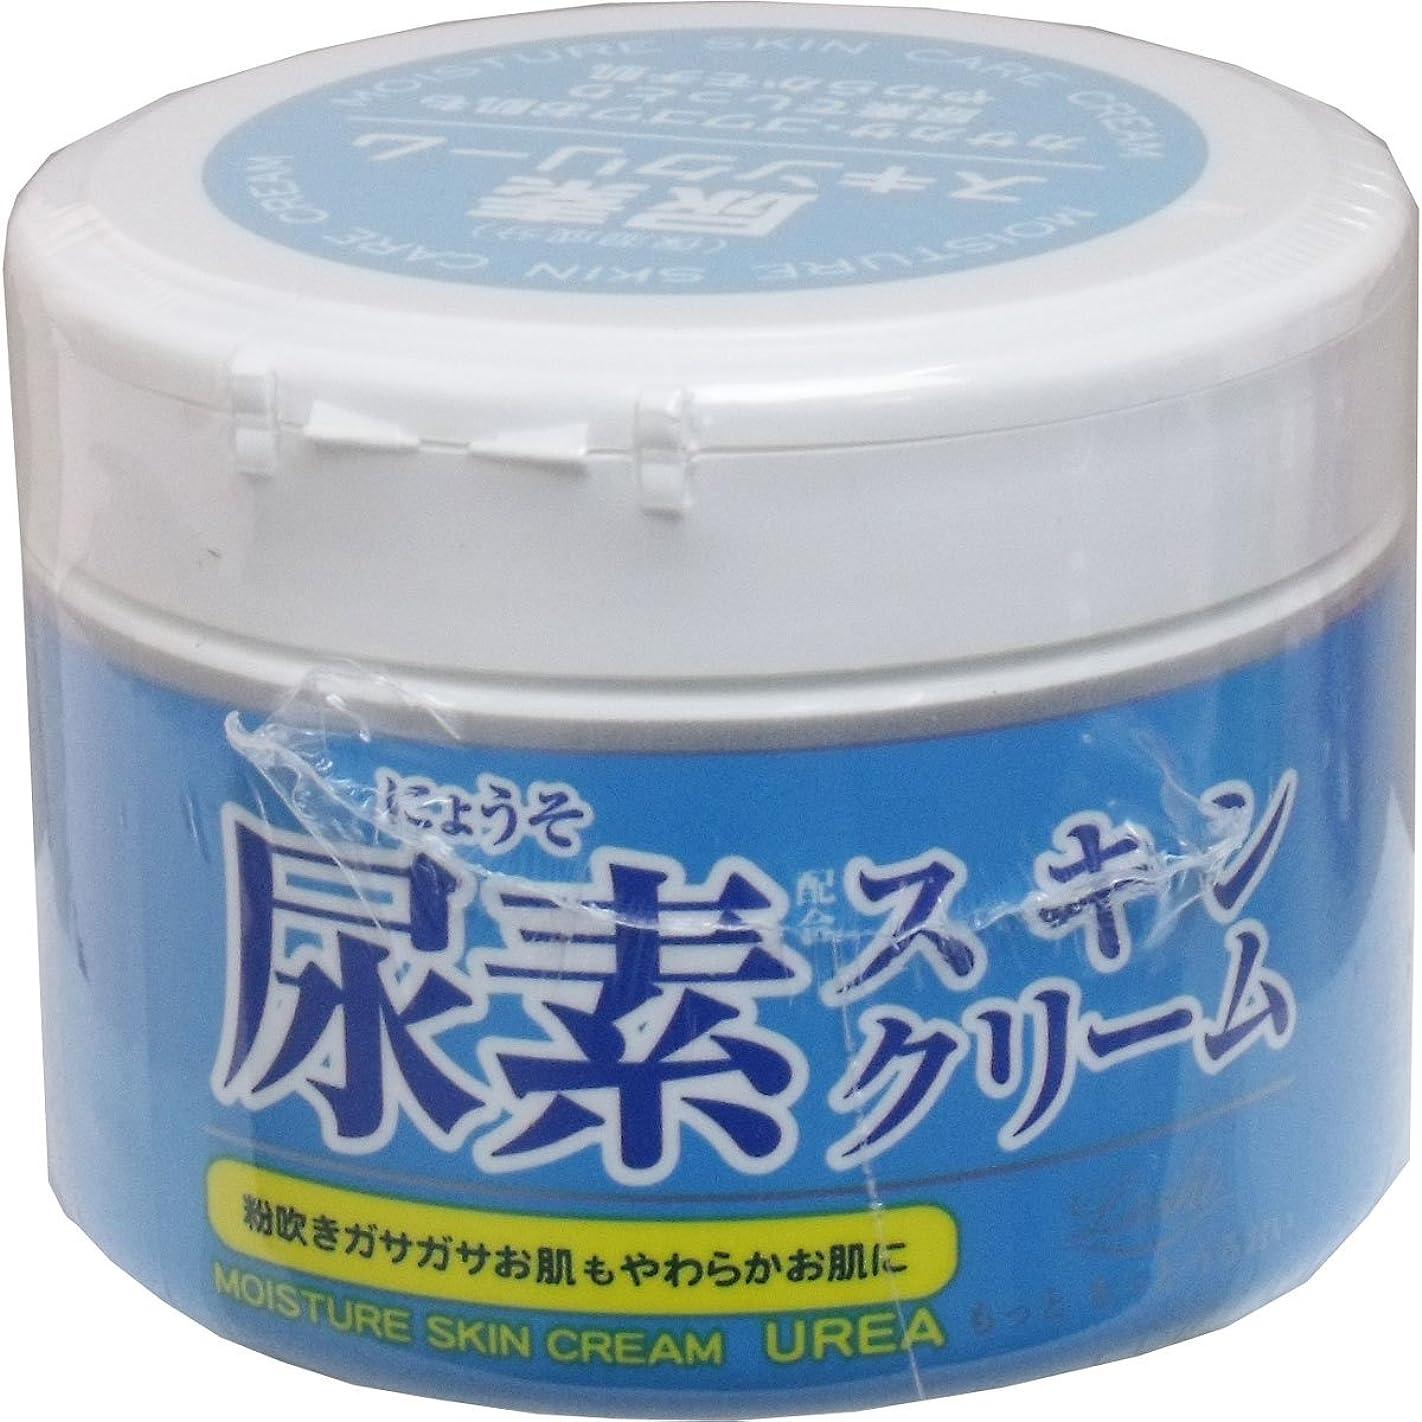 重さ行商人眠るロッシモイストエイド 尿素スキンクリーム 220g